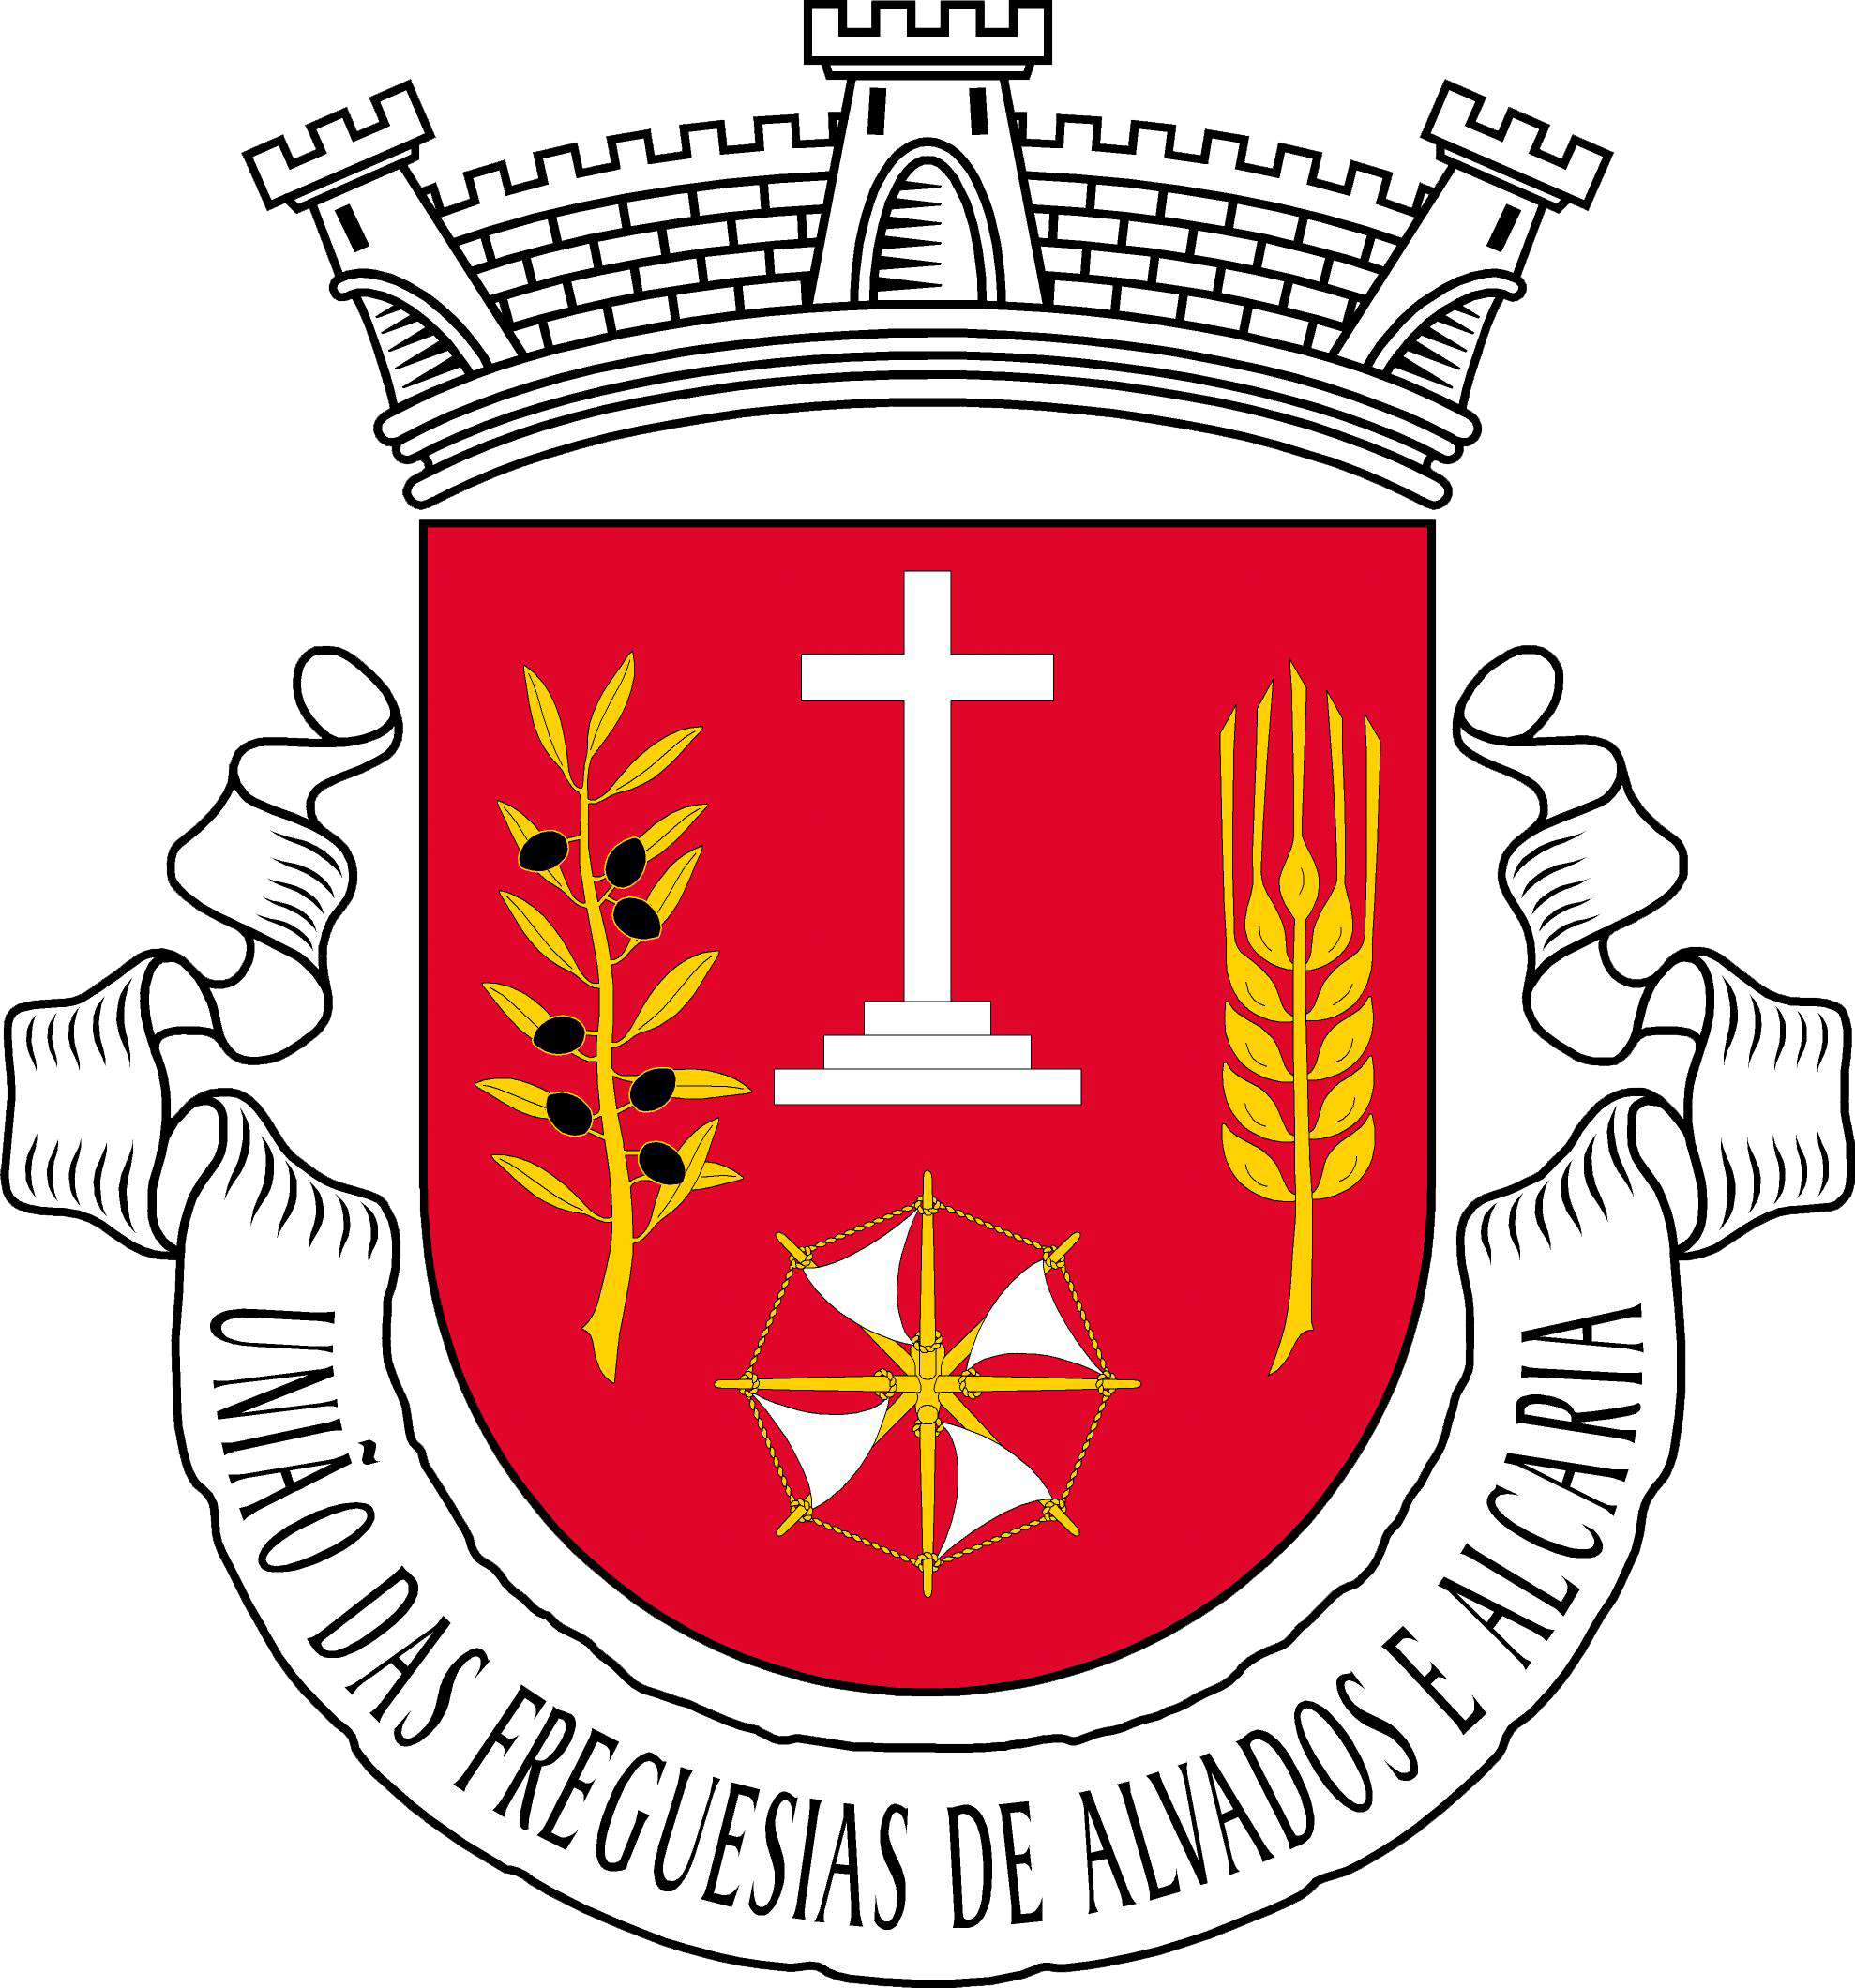 União de Freguesias de Alvados e Alcaria.png